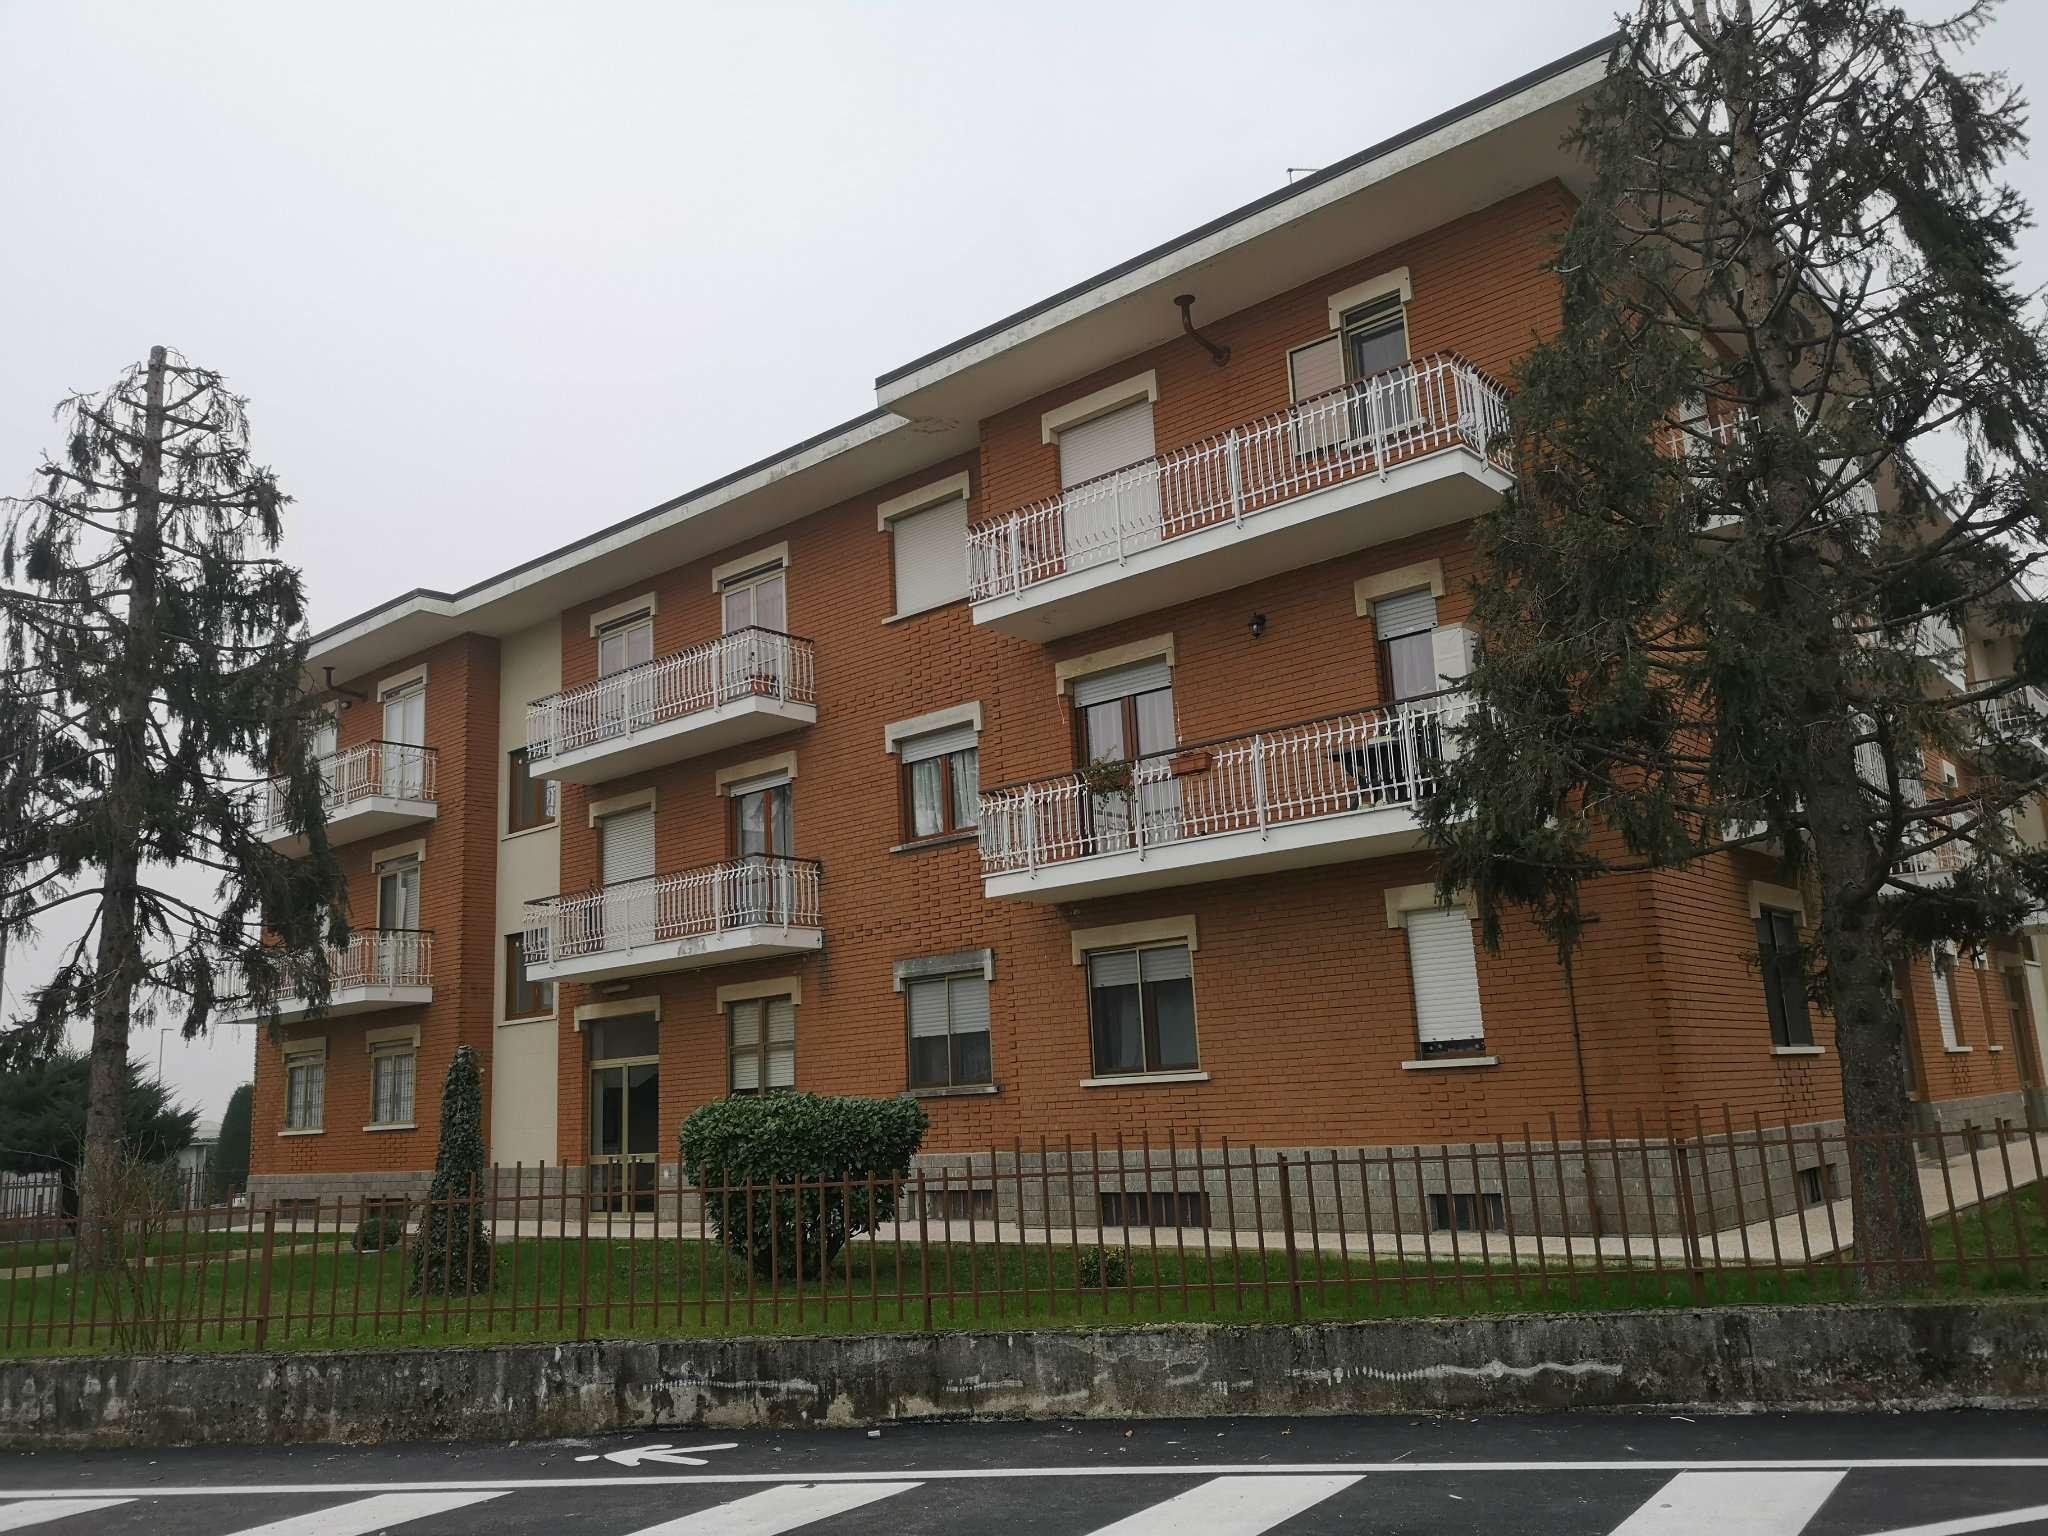 Appartamento in vendita a Volvera, 4 locali, prezzo € 108.000 | CambioCasa.it